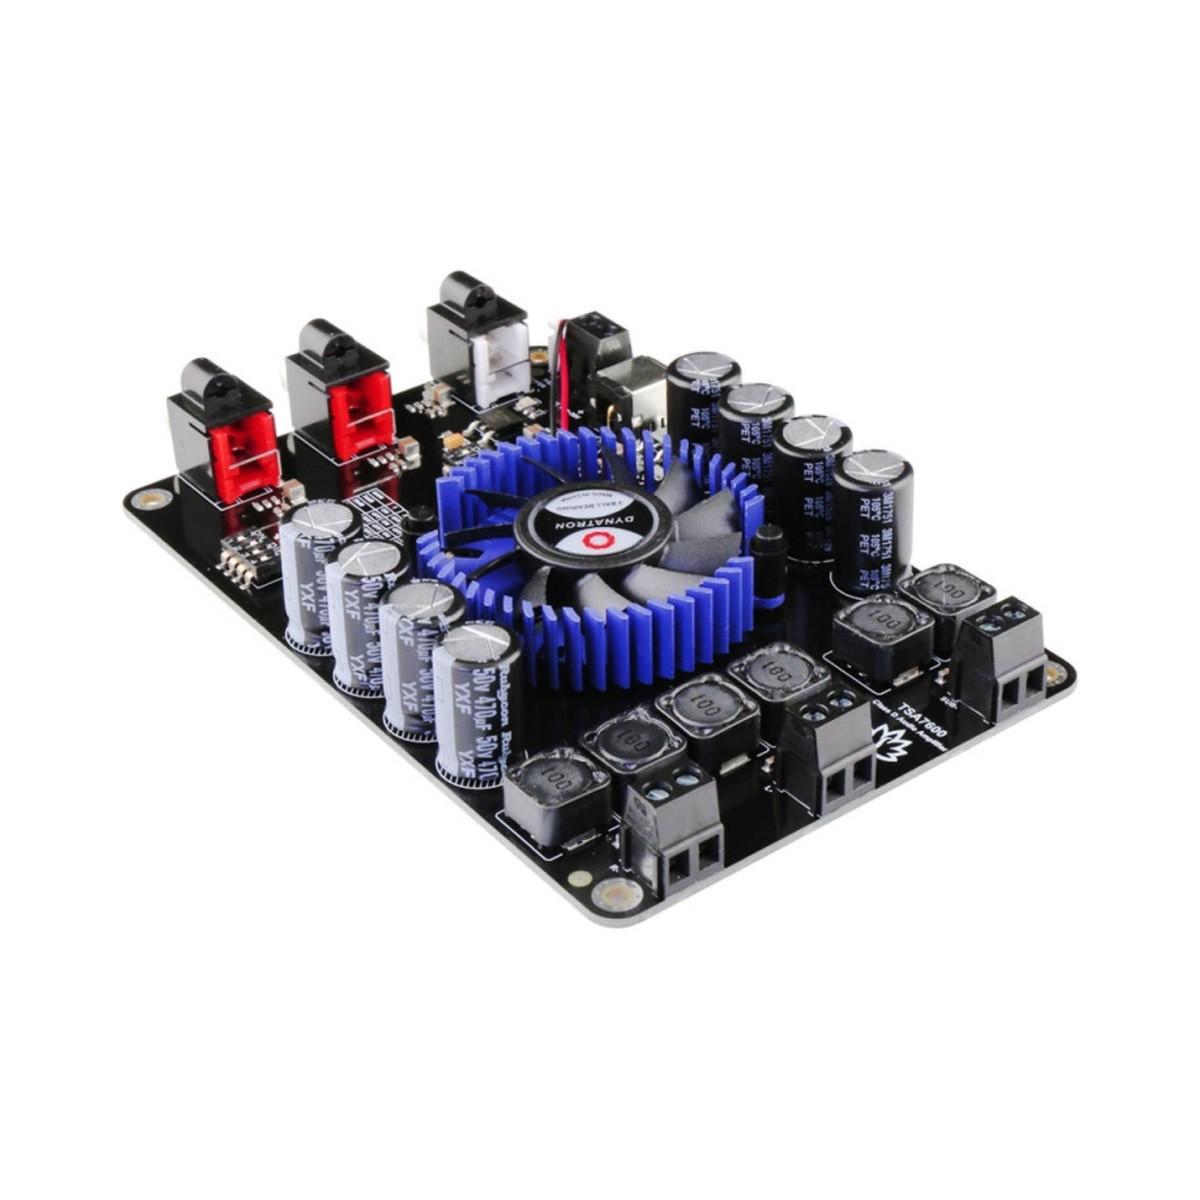 TINYSINE TSA7600 Amplifier Module TPA3221 2x100W + 200W